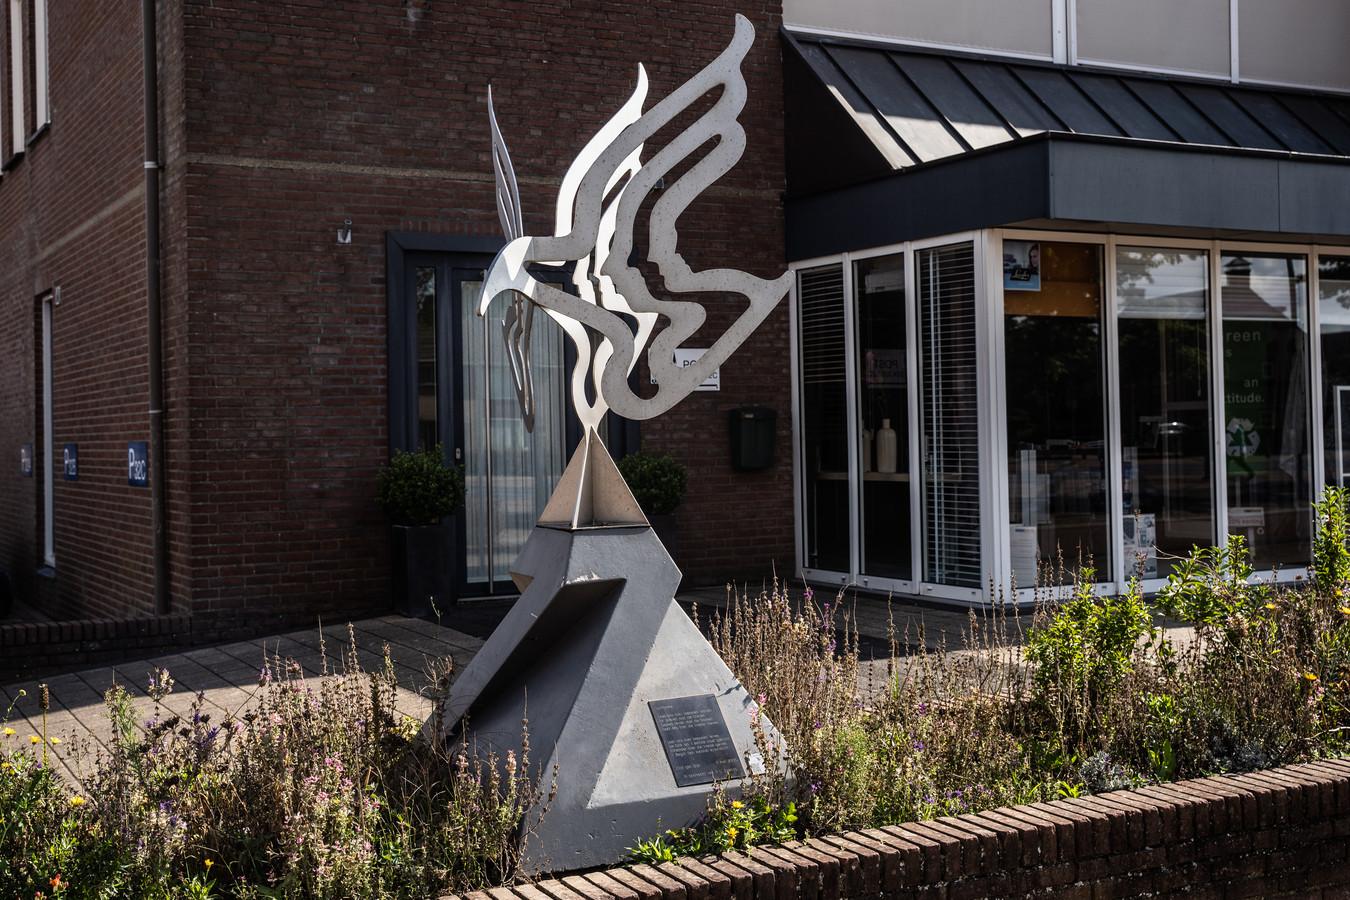 voor de rubriek buitenbeeld. het beeld bij Arends wonen in Zetten.